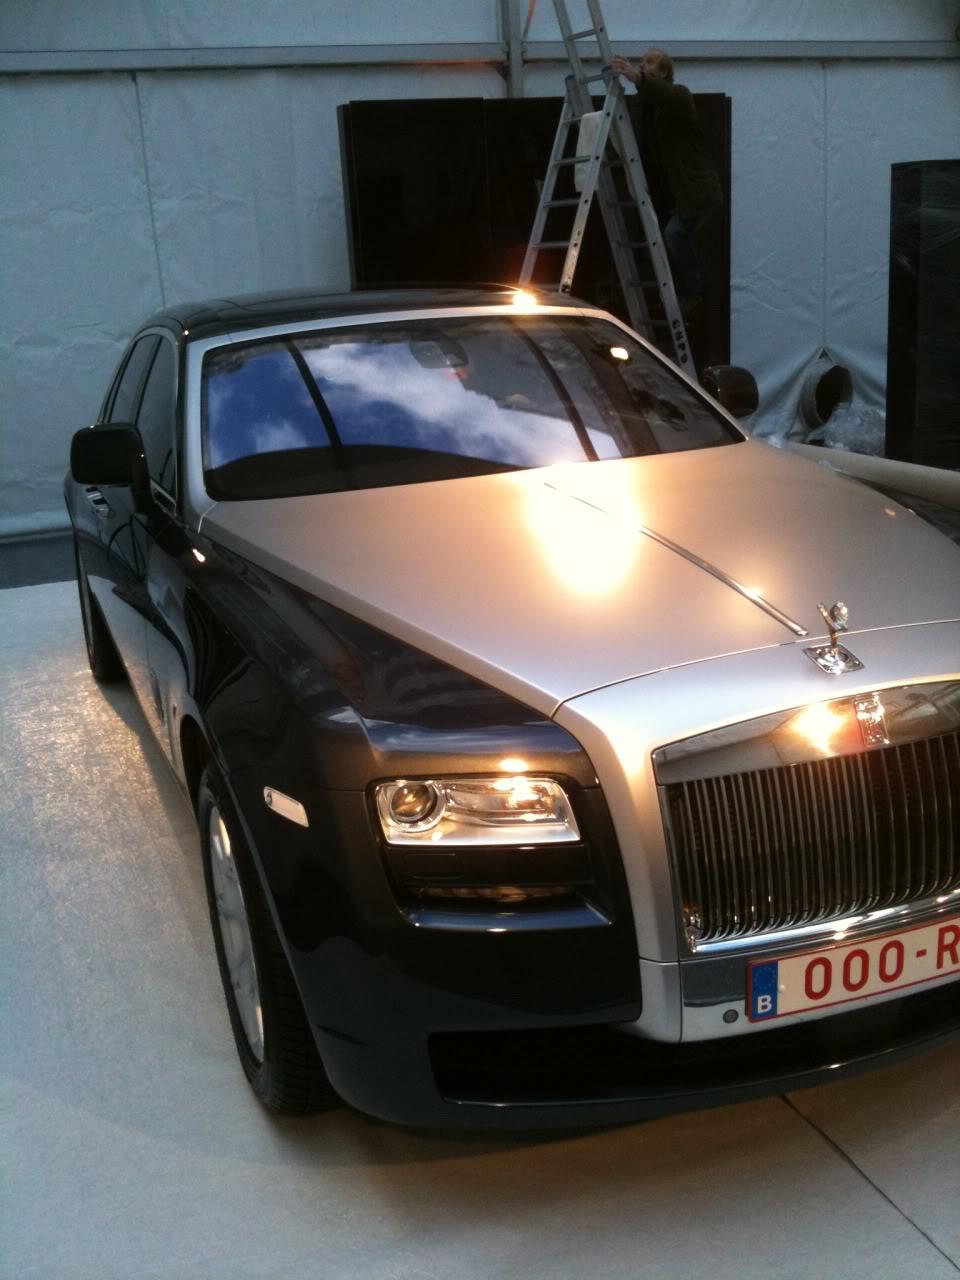 corum - CR Evénement Corum & Rolls-Royce à Bruxelles 25/11 - PHOTOS CORUM-EVENT-10